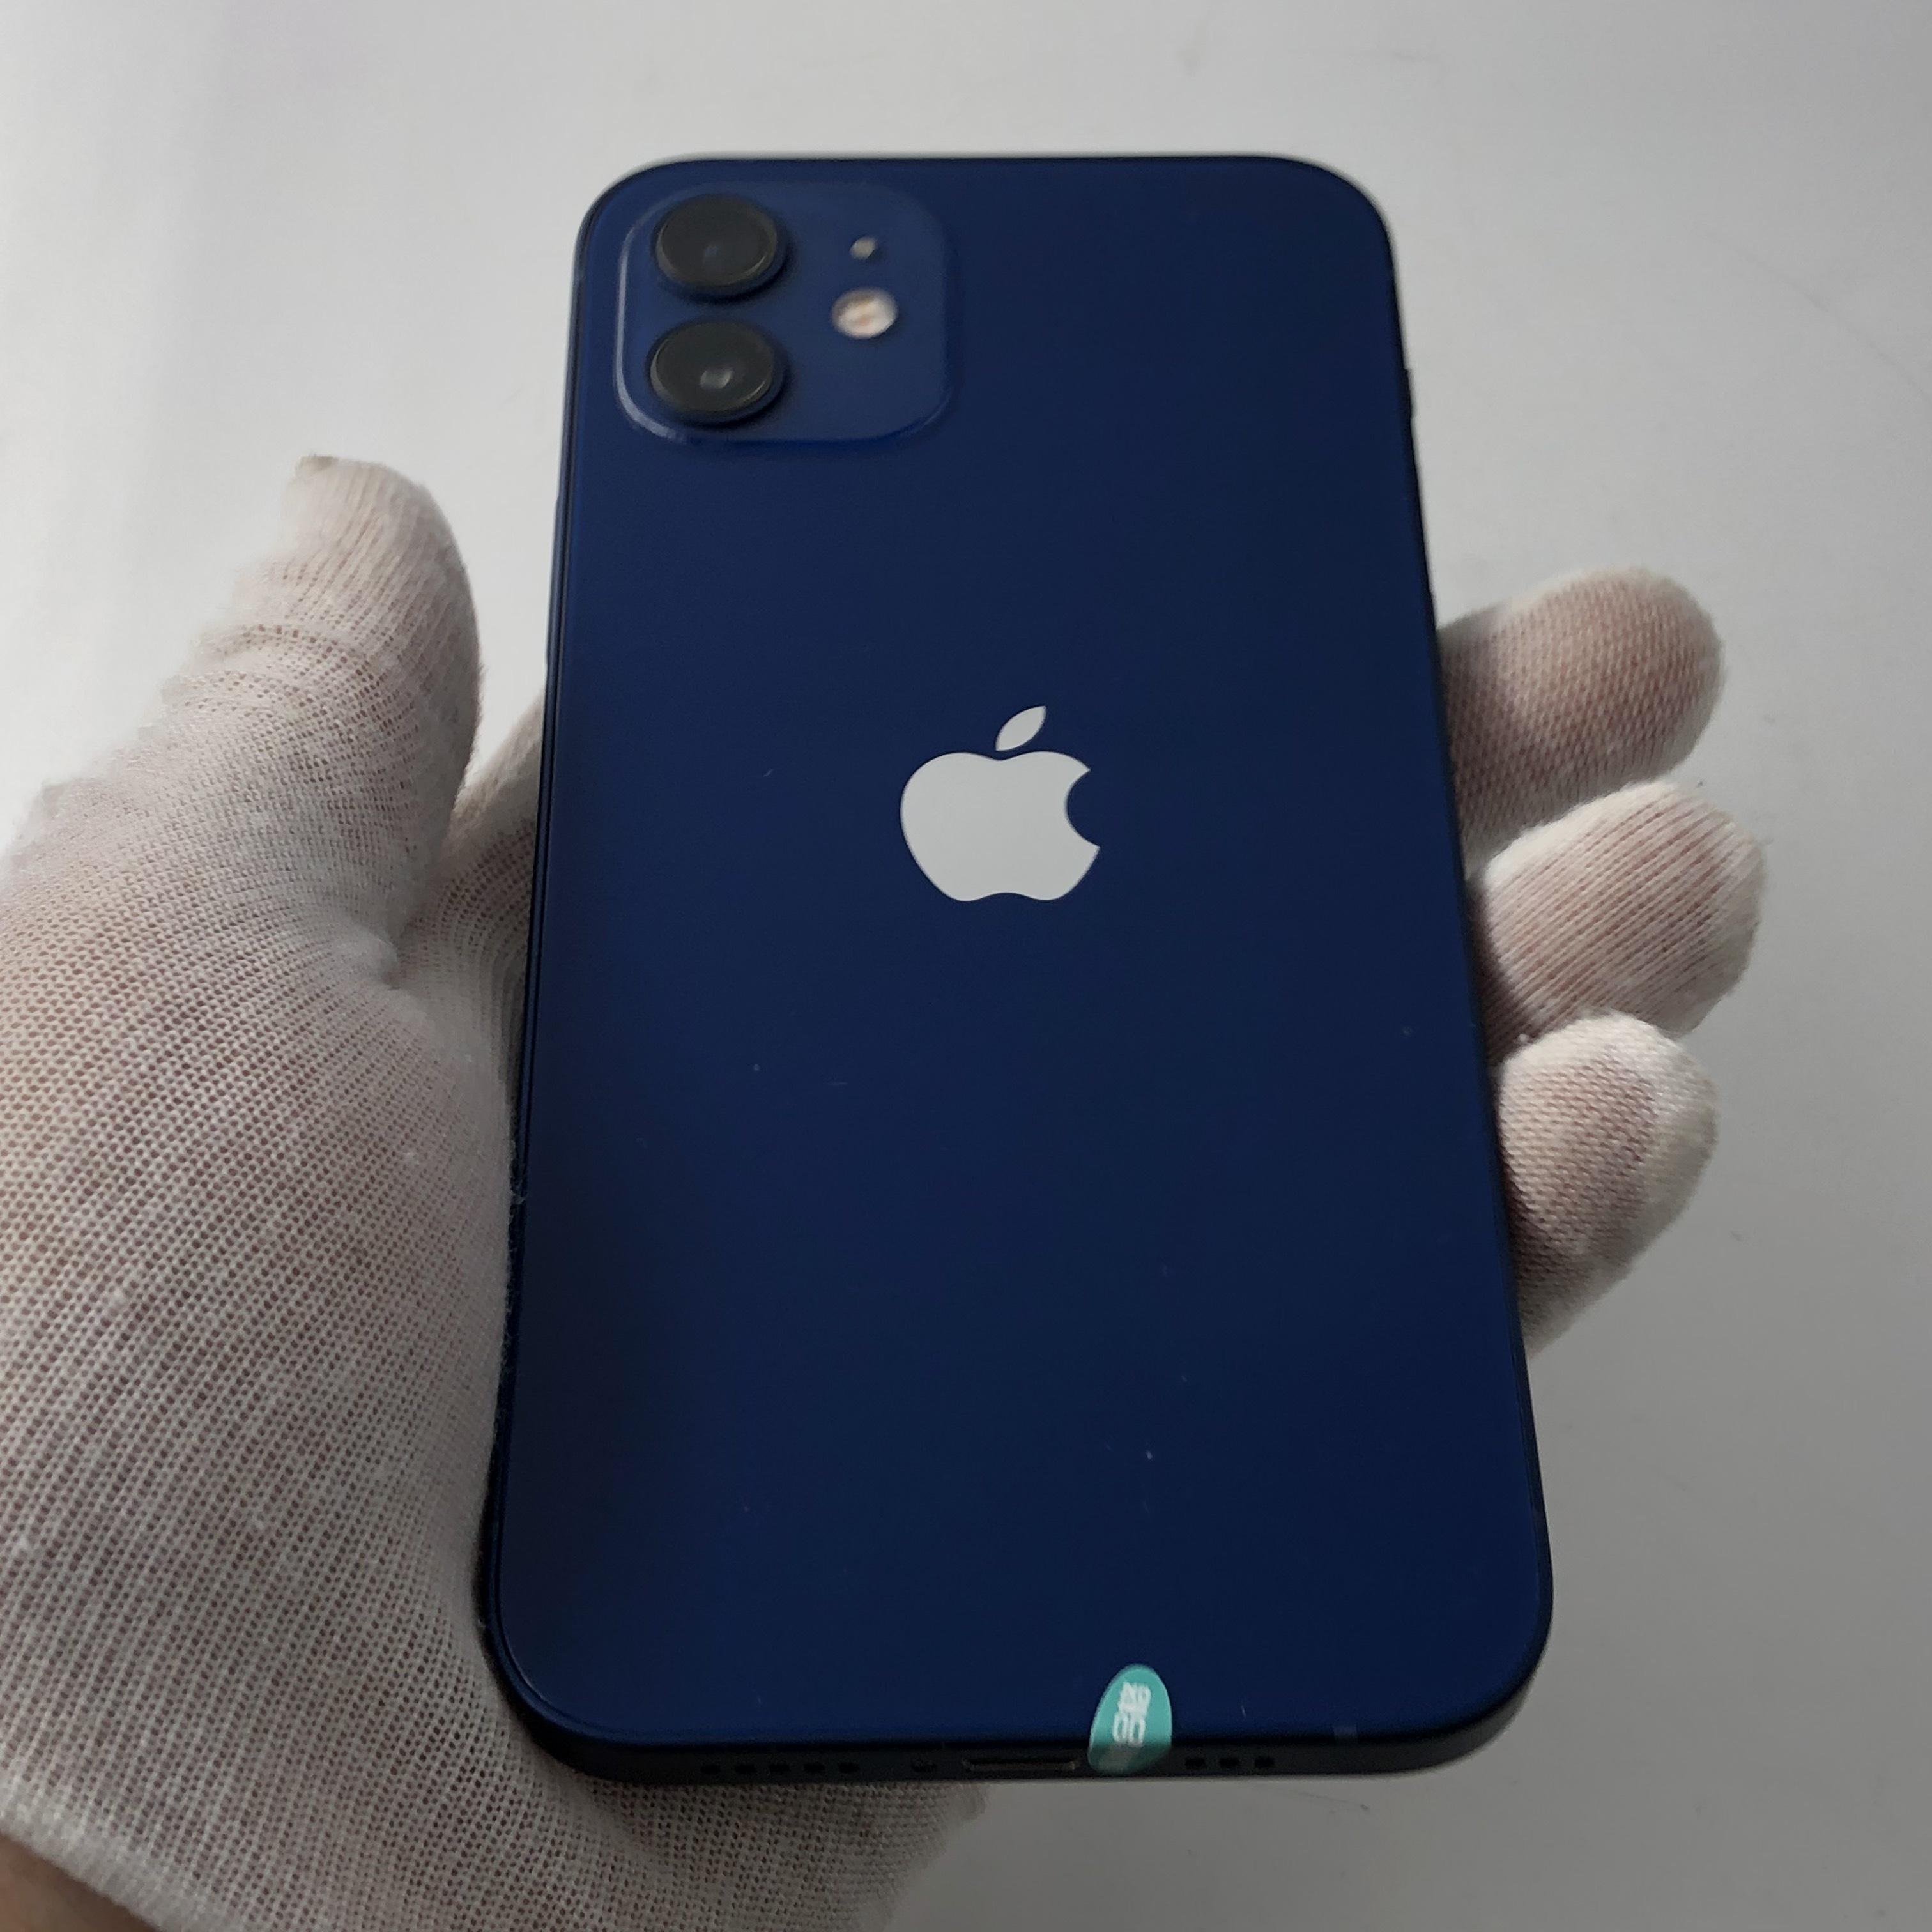 苹果【iPhone 12】5G全网通 蓝色 128G 国行 99新